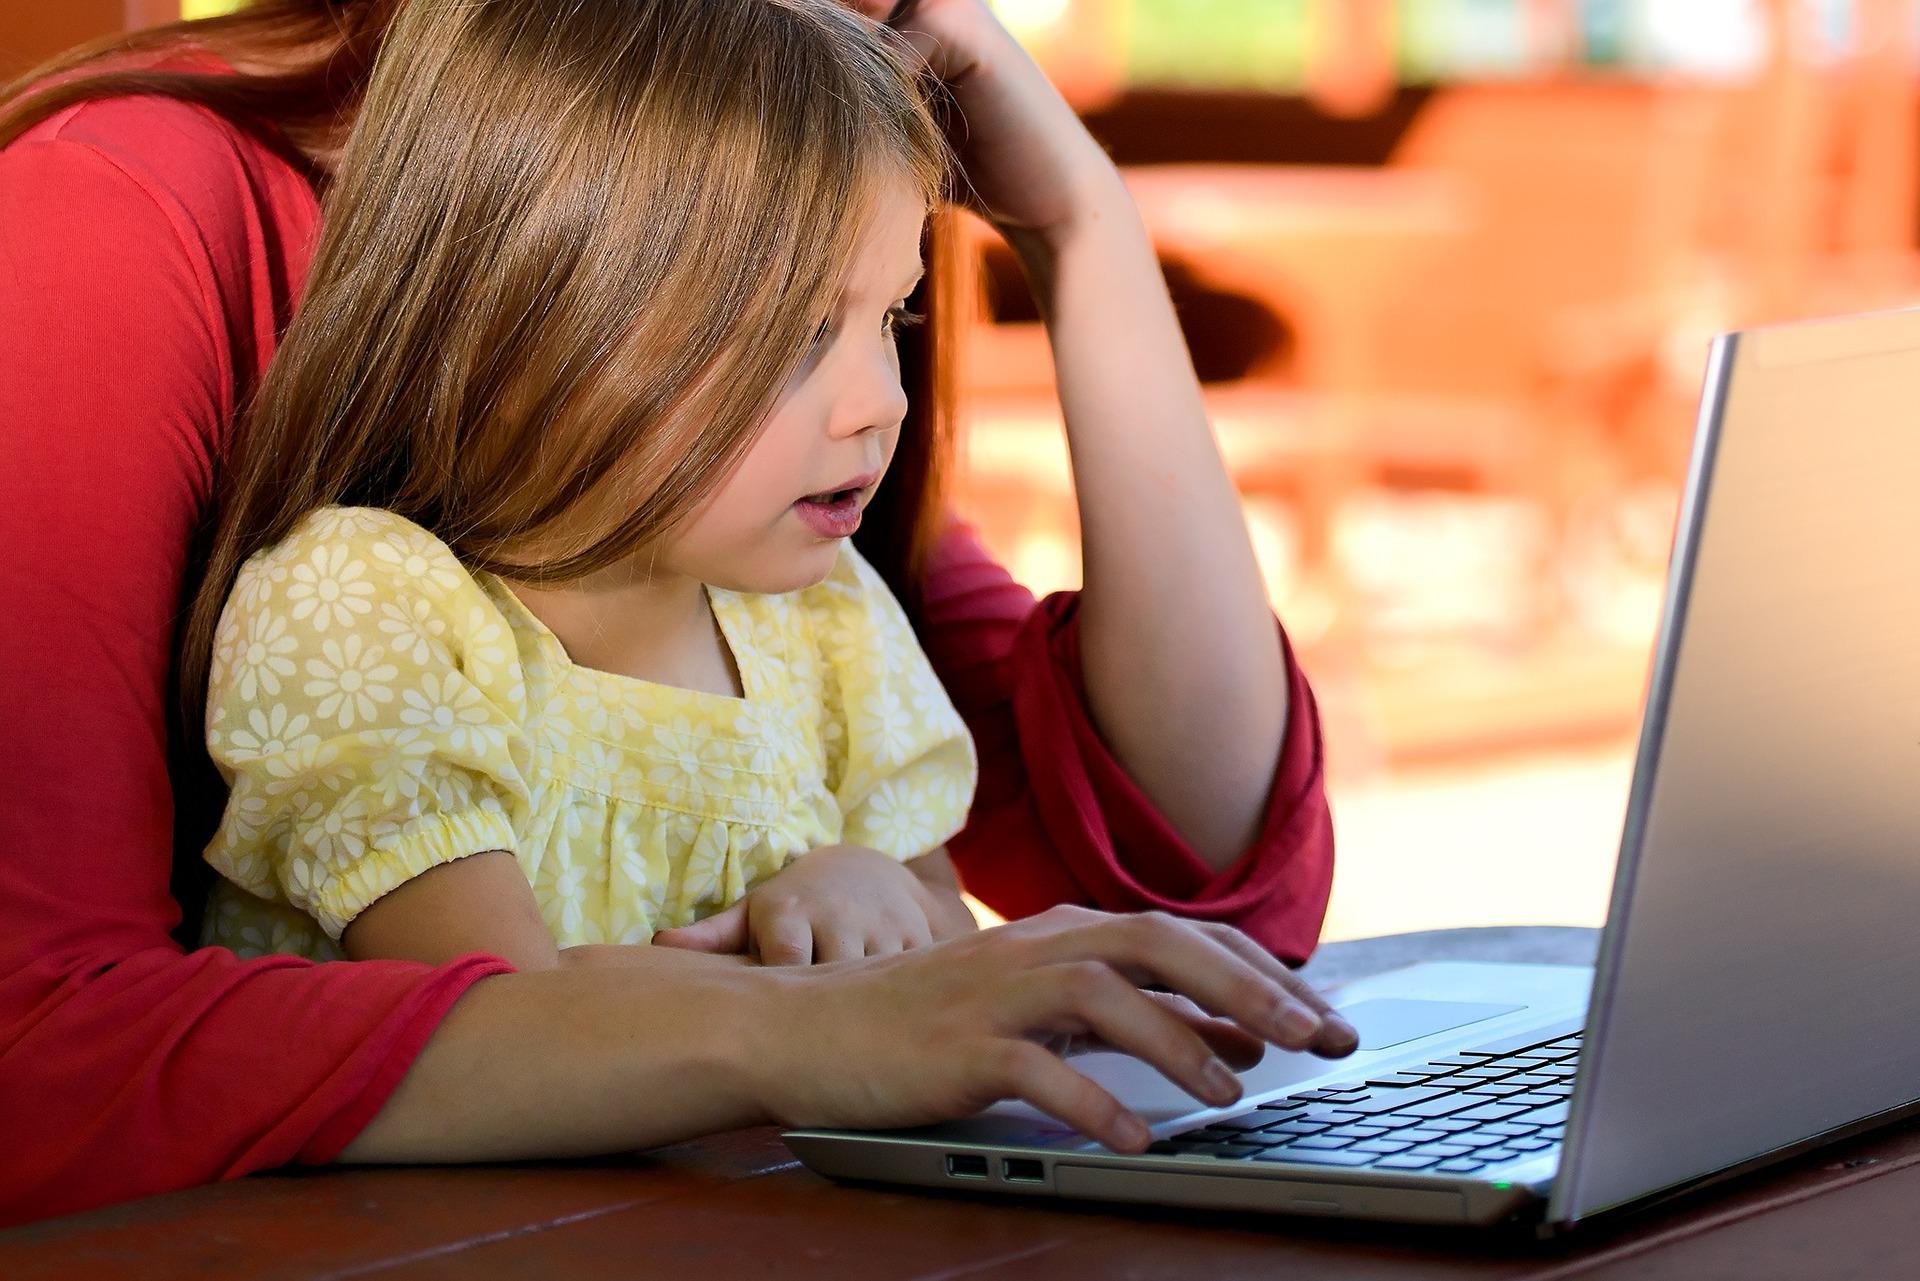 La mediación parental y los menores en Internet